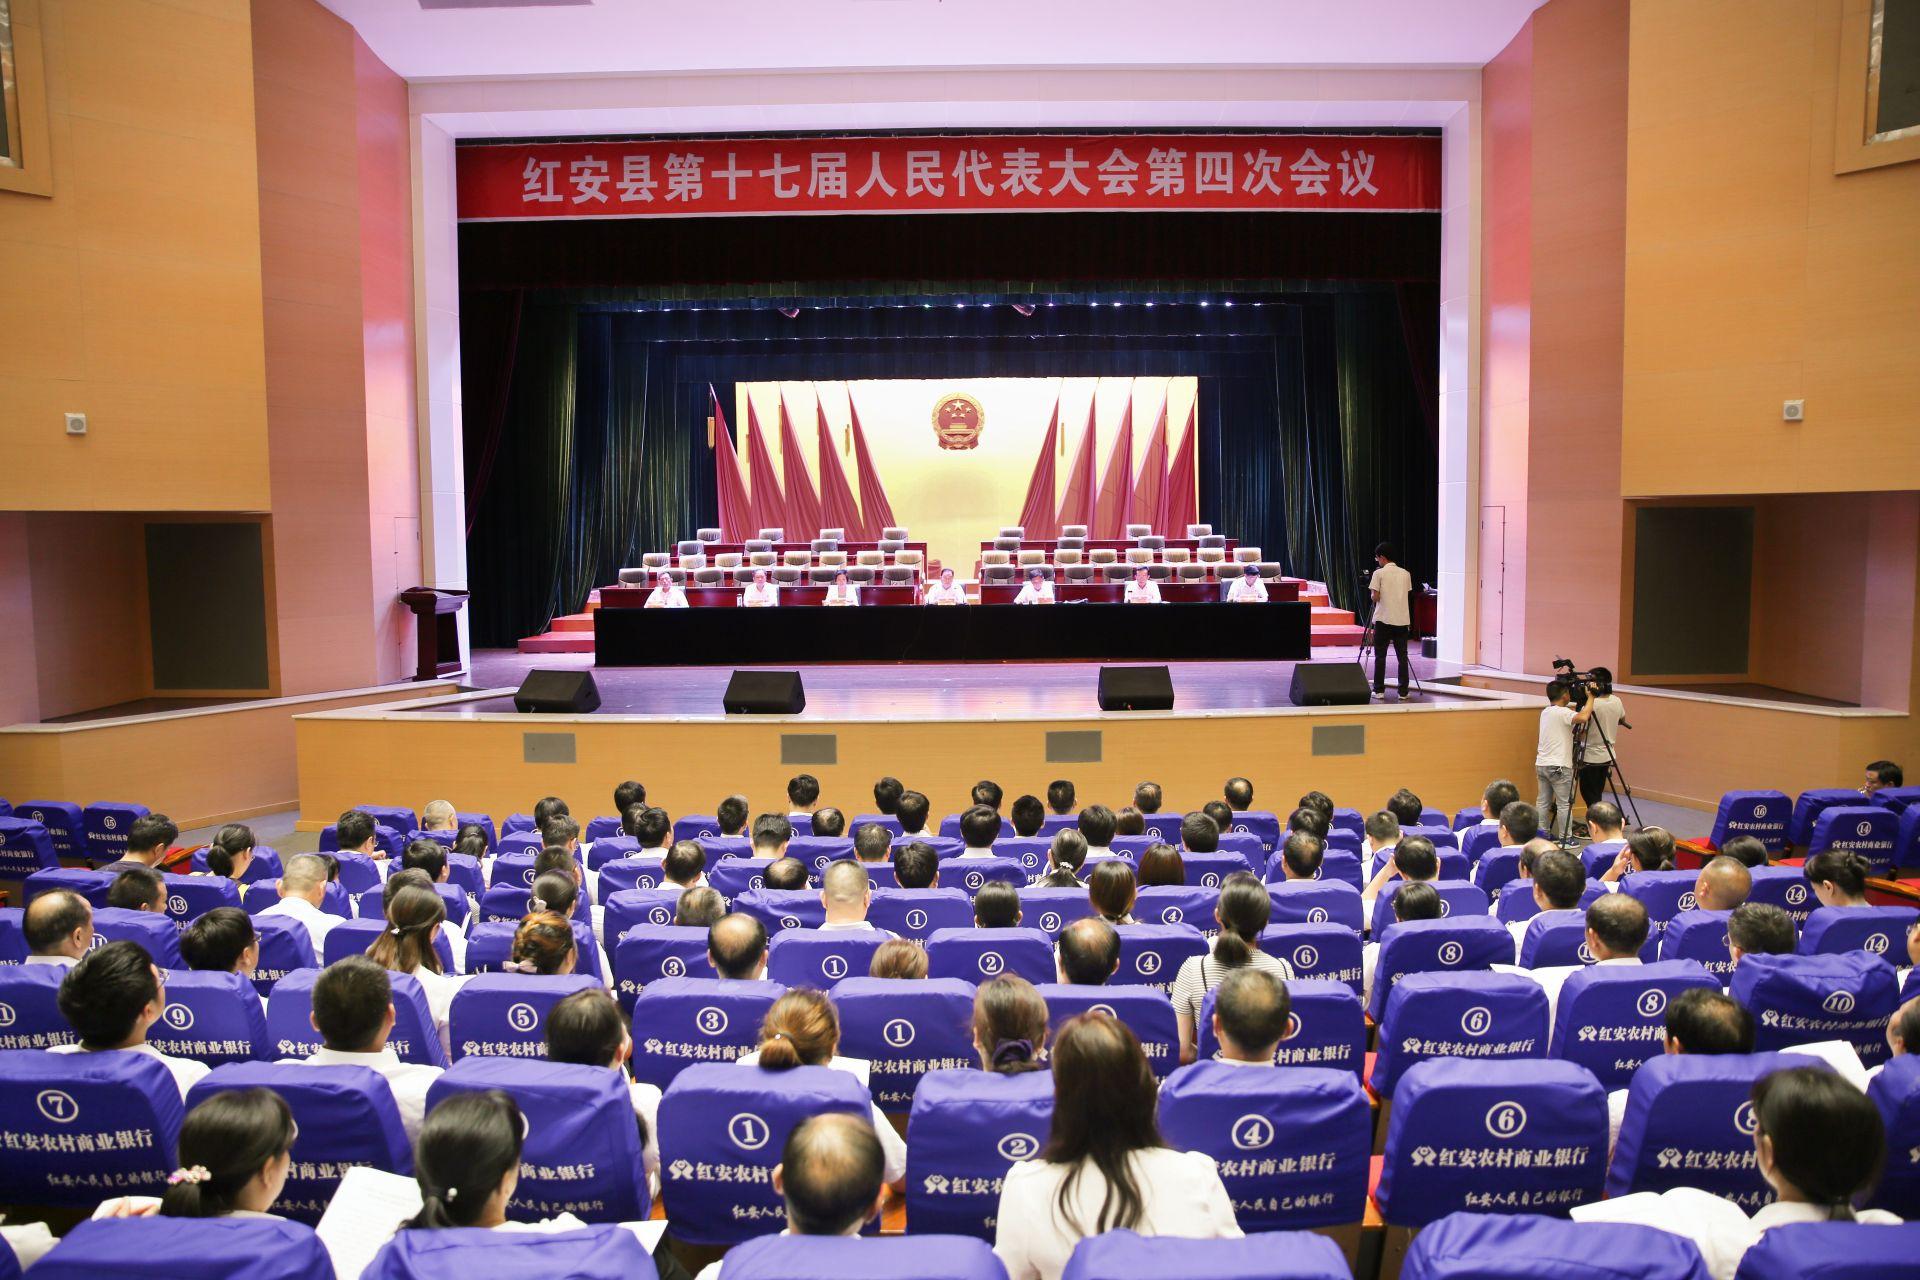 紅安縣第十七屆人民代表大會第四次會議召開預備會議